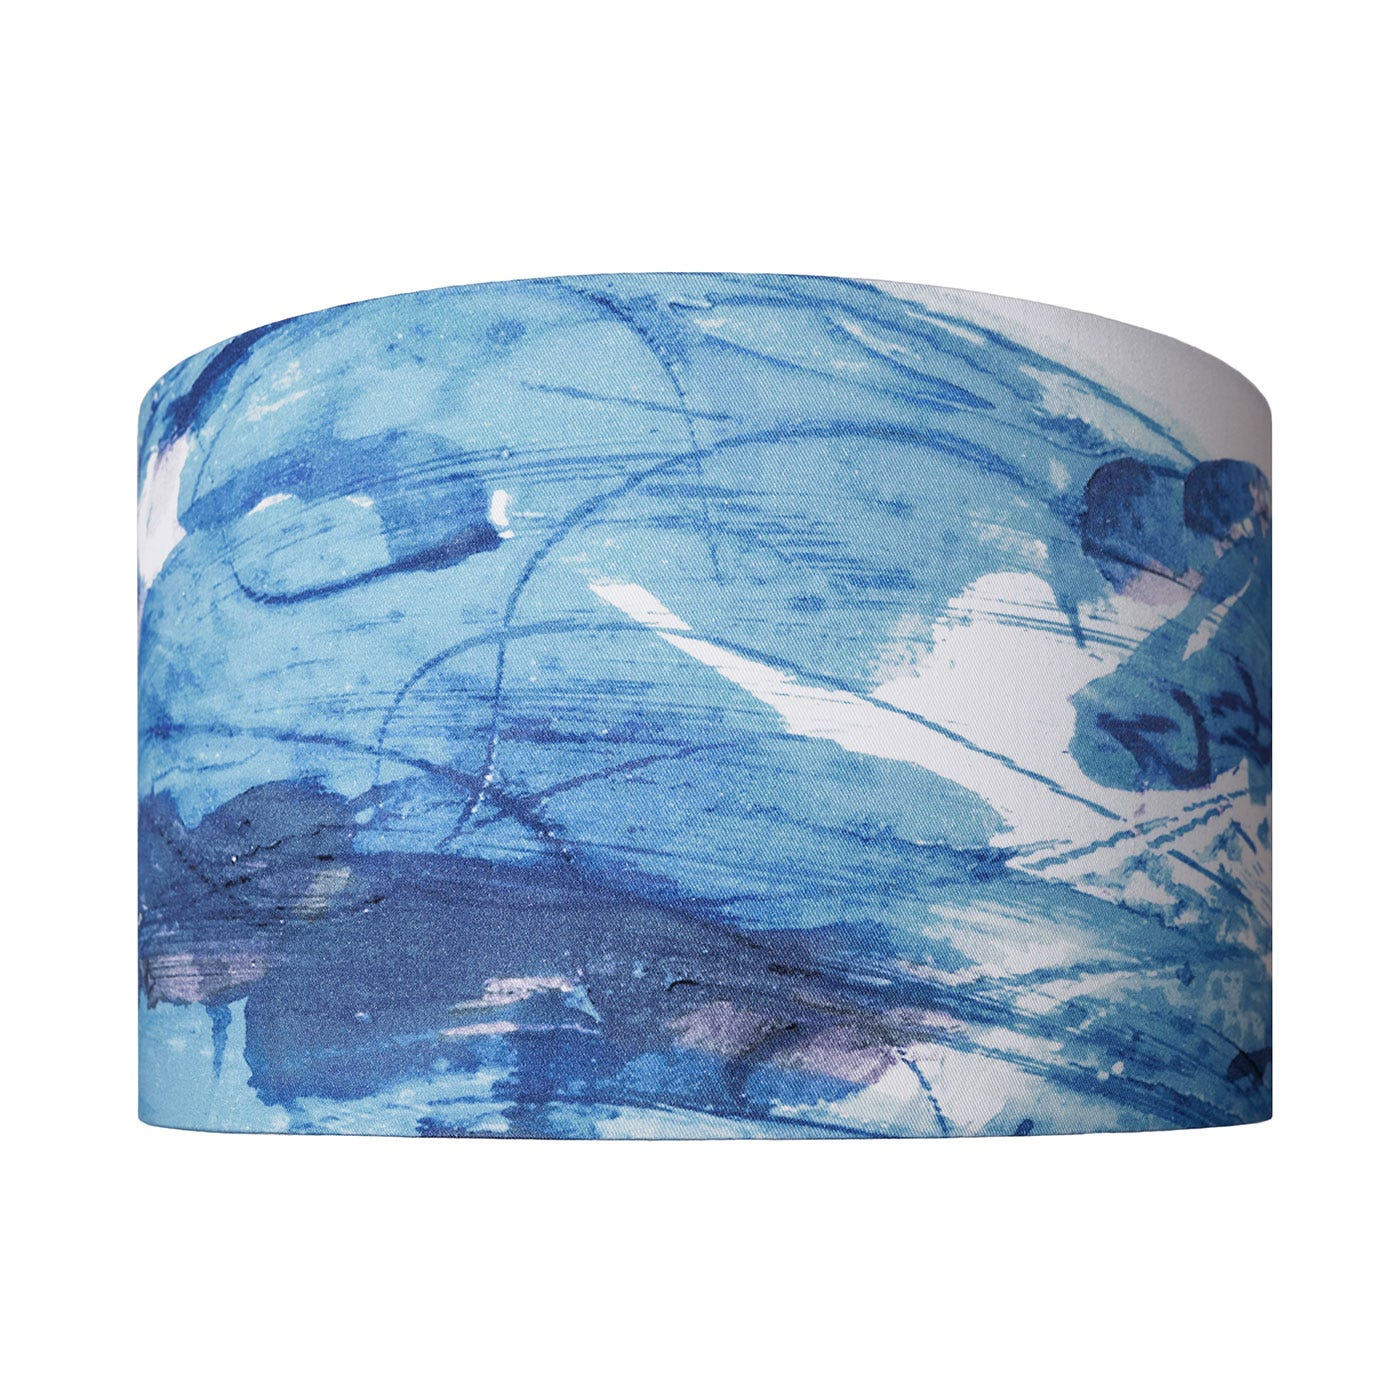 Sedum Detail in Blue Lampshade